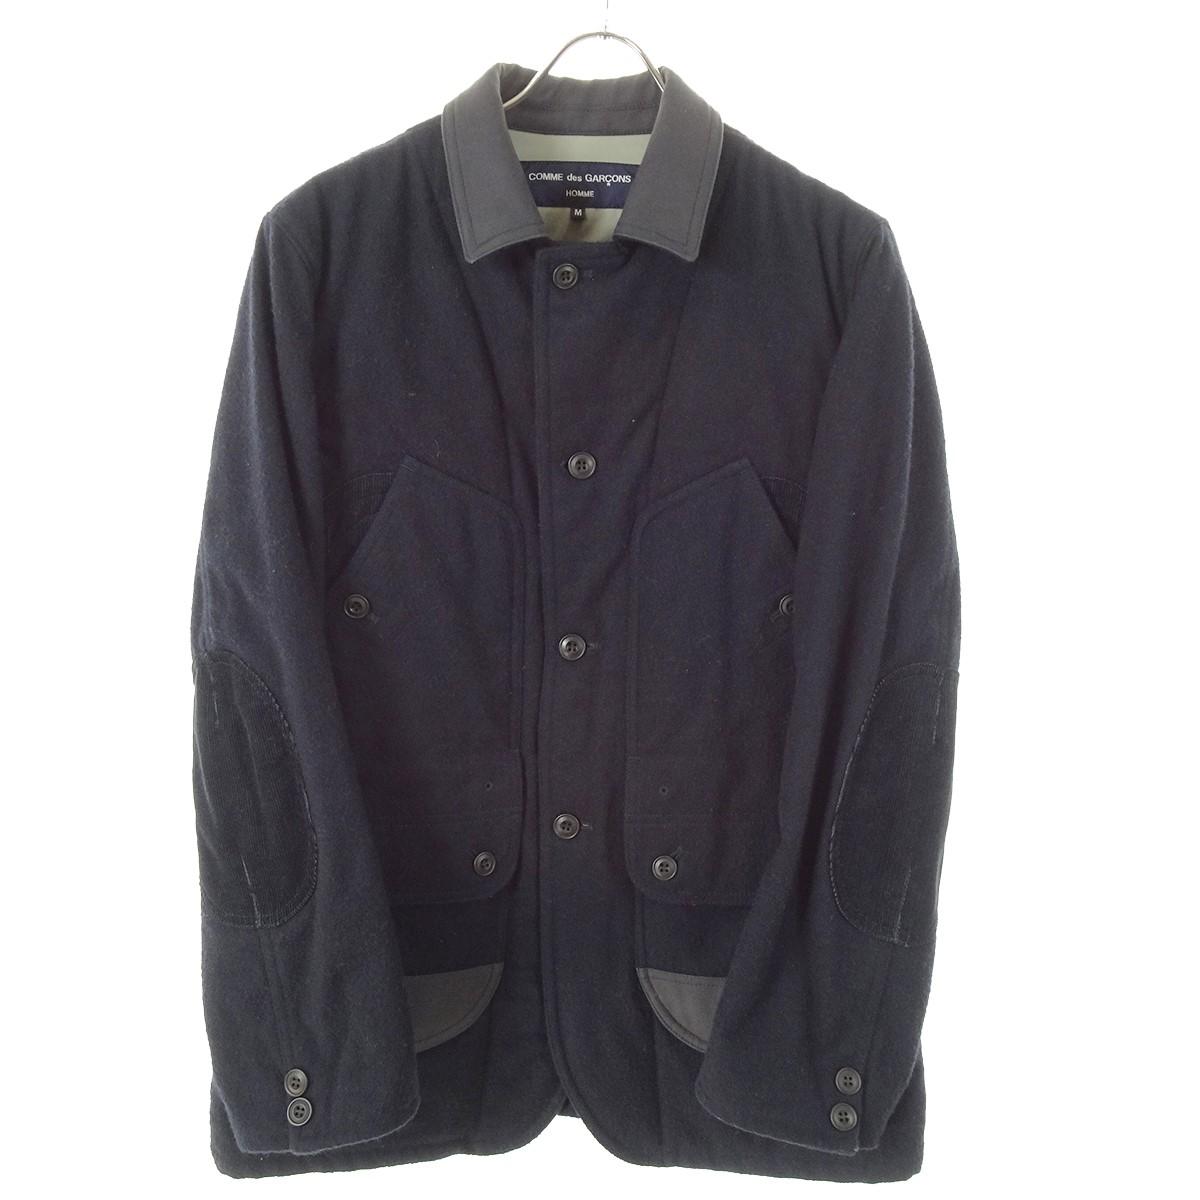 【中古】COMME des GARCONS HOMME エルボーパッチ付きウールジャケット AD2014 ネイビー サイズ:M 【300919】(コムデギャルソンオム)